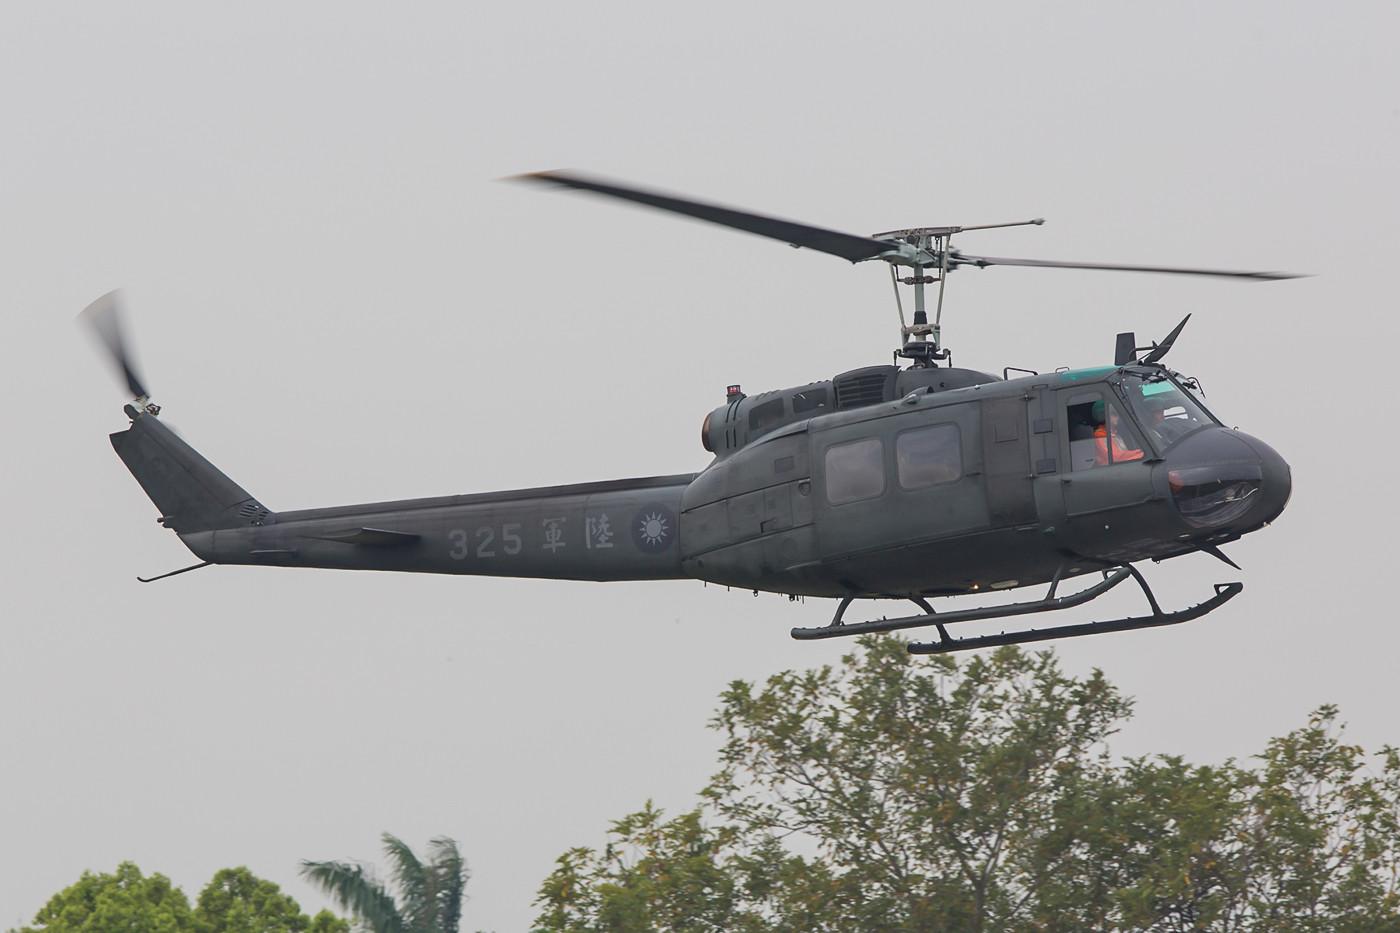 Die UH-1H basieren noch deutlich auf dem ursprünglichen Entwurf, ausgestattet mit einer 1000-kW-(1400-PS)-Lycoming-T53-L-13B-Turbine.